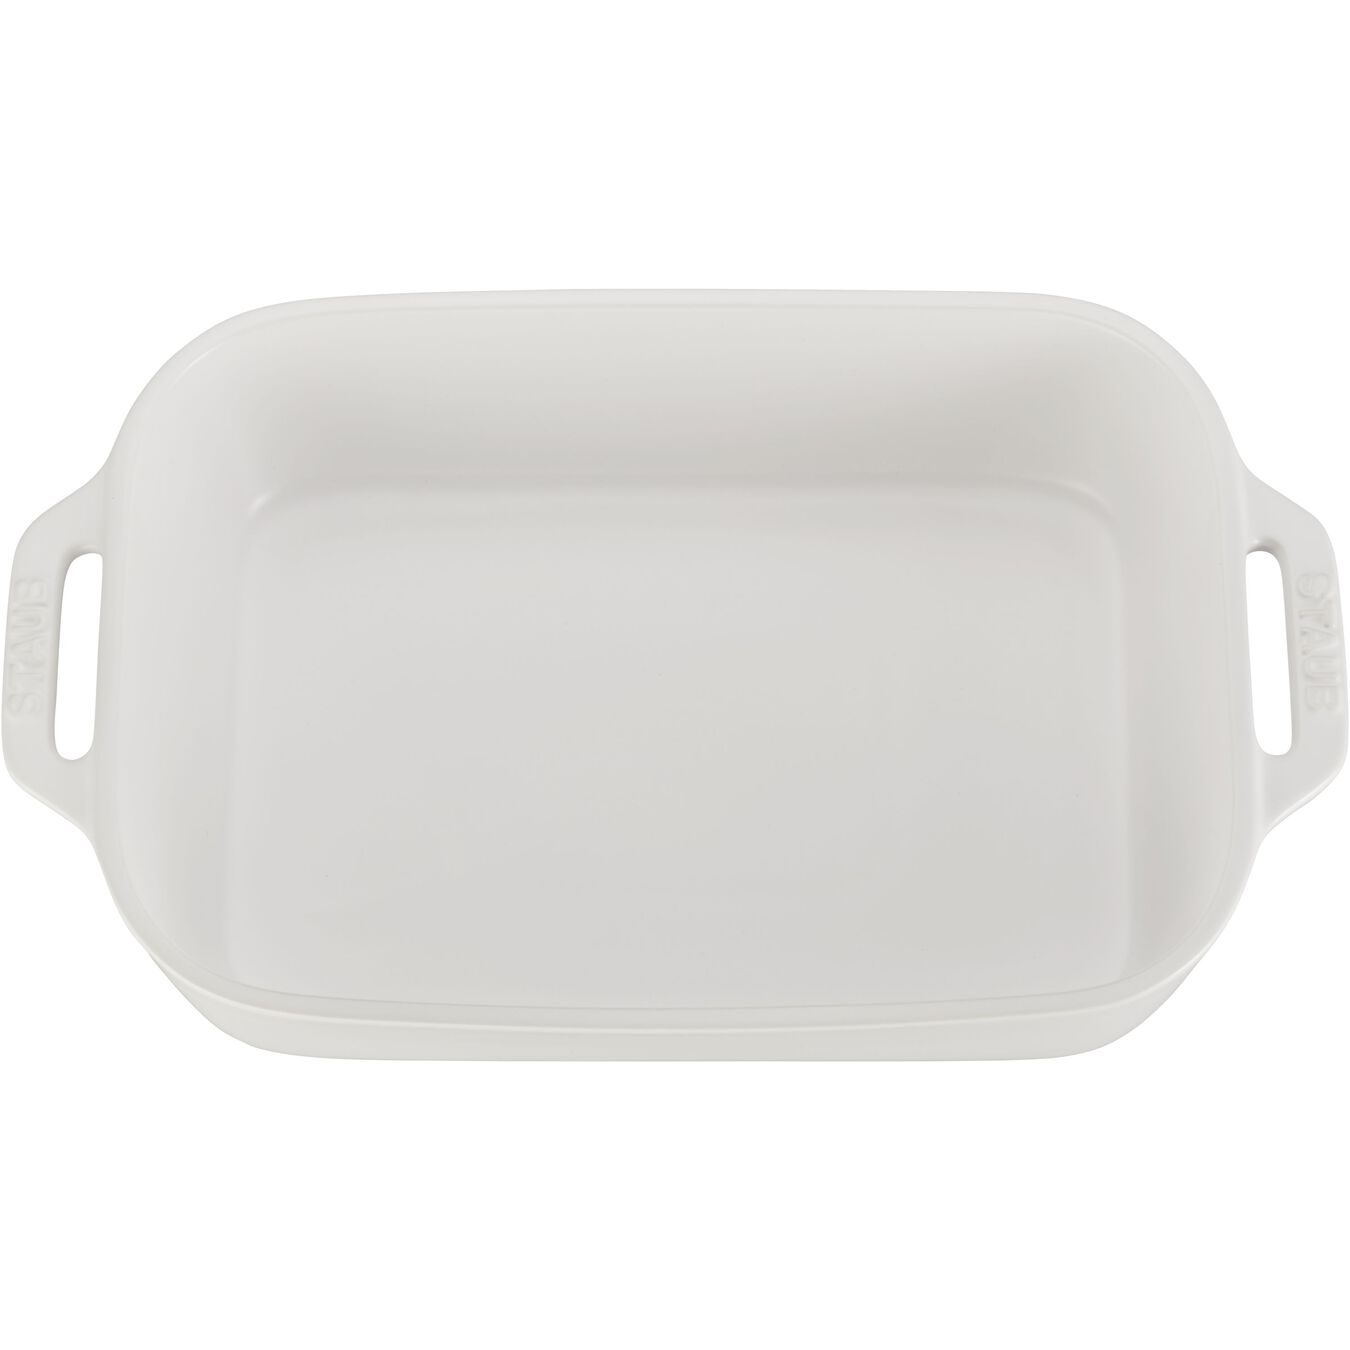 2-pc Rectangular Baking Dish Set - Matte White,,large 4